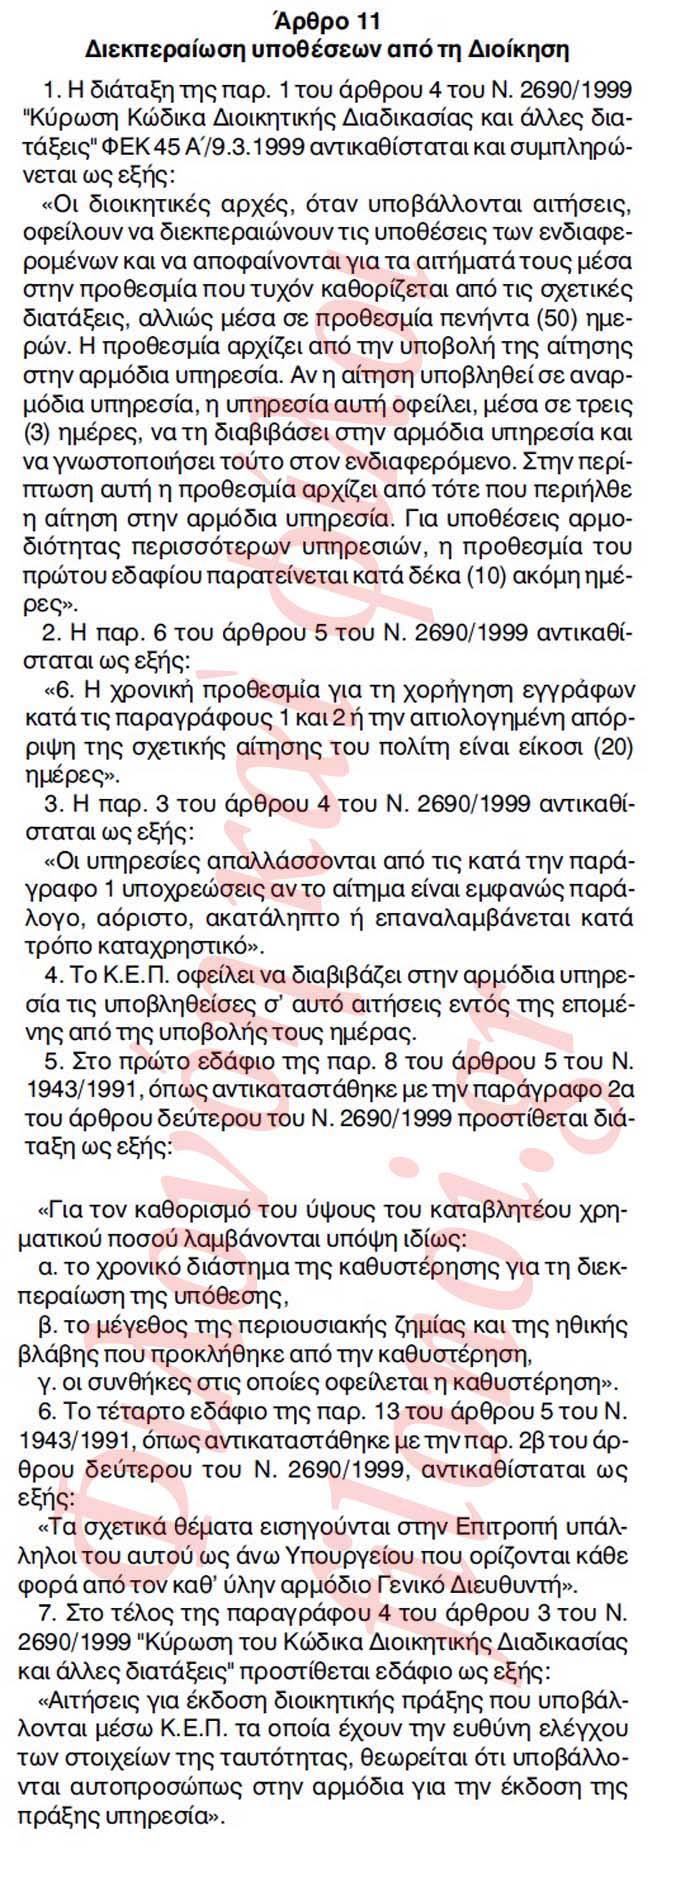 Ὑπουργὲ Γιάννη Πανούσης, πόσο ...νόμιμη εἶναι ἡ ΓΑΔΑ;β13